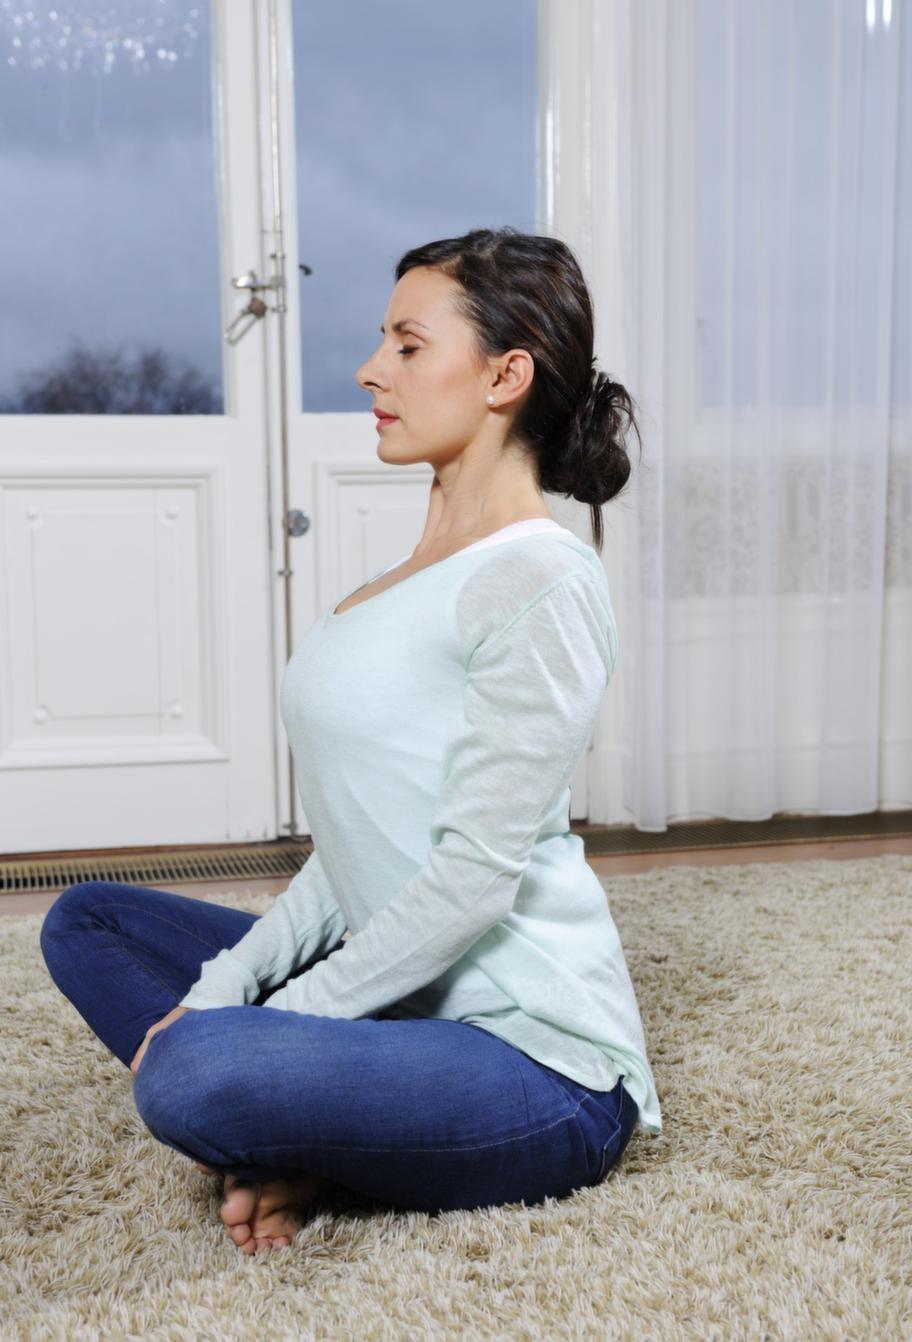 <strong>2. Ryggböjning</strong><br><strong>Gör så här:</strong><br>Sätt upp händerna på axlarna. Fingrarna fram, tummarna bak. Andas in och böj överkroppen åt vänster ner mot golvet samtidigt som höger armbåge strävar upp mot taket. Andas ut samtidigt som du böjer dig ner åt höger och låter vänster armbåge sträva upp mot taket. Fortsätt i en till tre minuter. <br><strong>Effekt: </strong><br>Tillsammans med ryggflexen är detta en komplett stretch för ryggraden som förhindrar ryggproblem och minskar spänningar.<br><strong>Obs: </strong> Se även nästa bild.